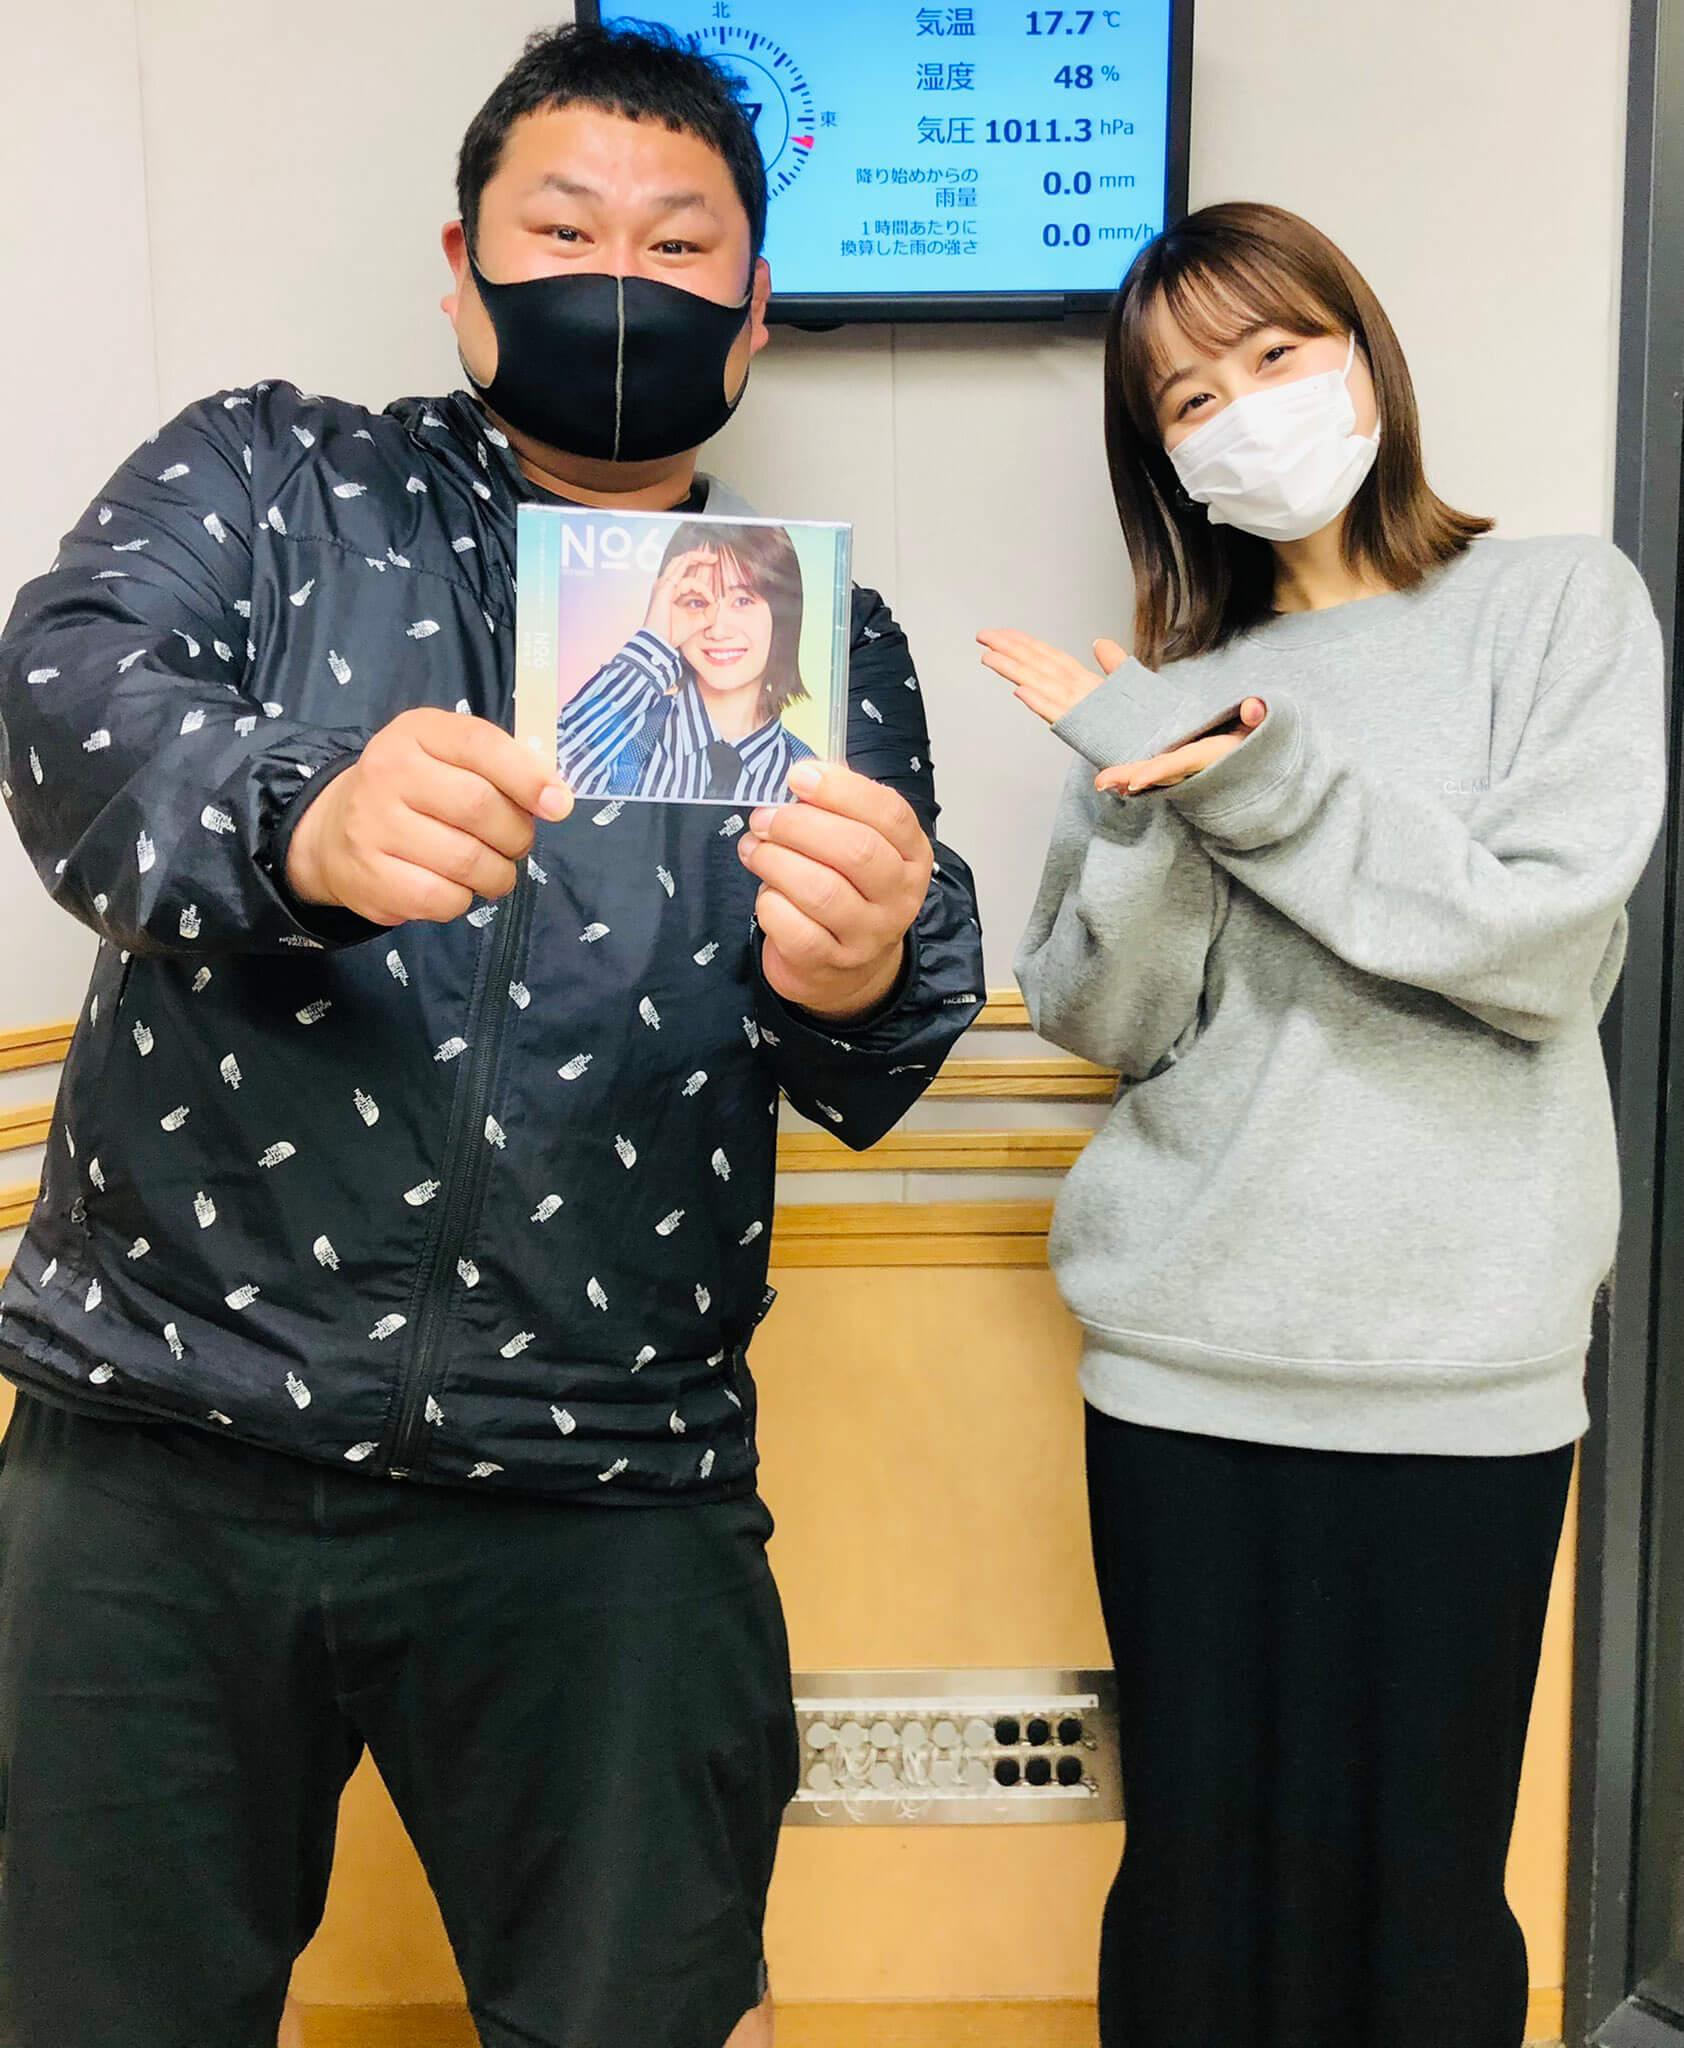 5/11(火)放送レポ!声優アーティスト伊藤美来さんが登場!